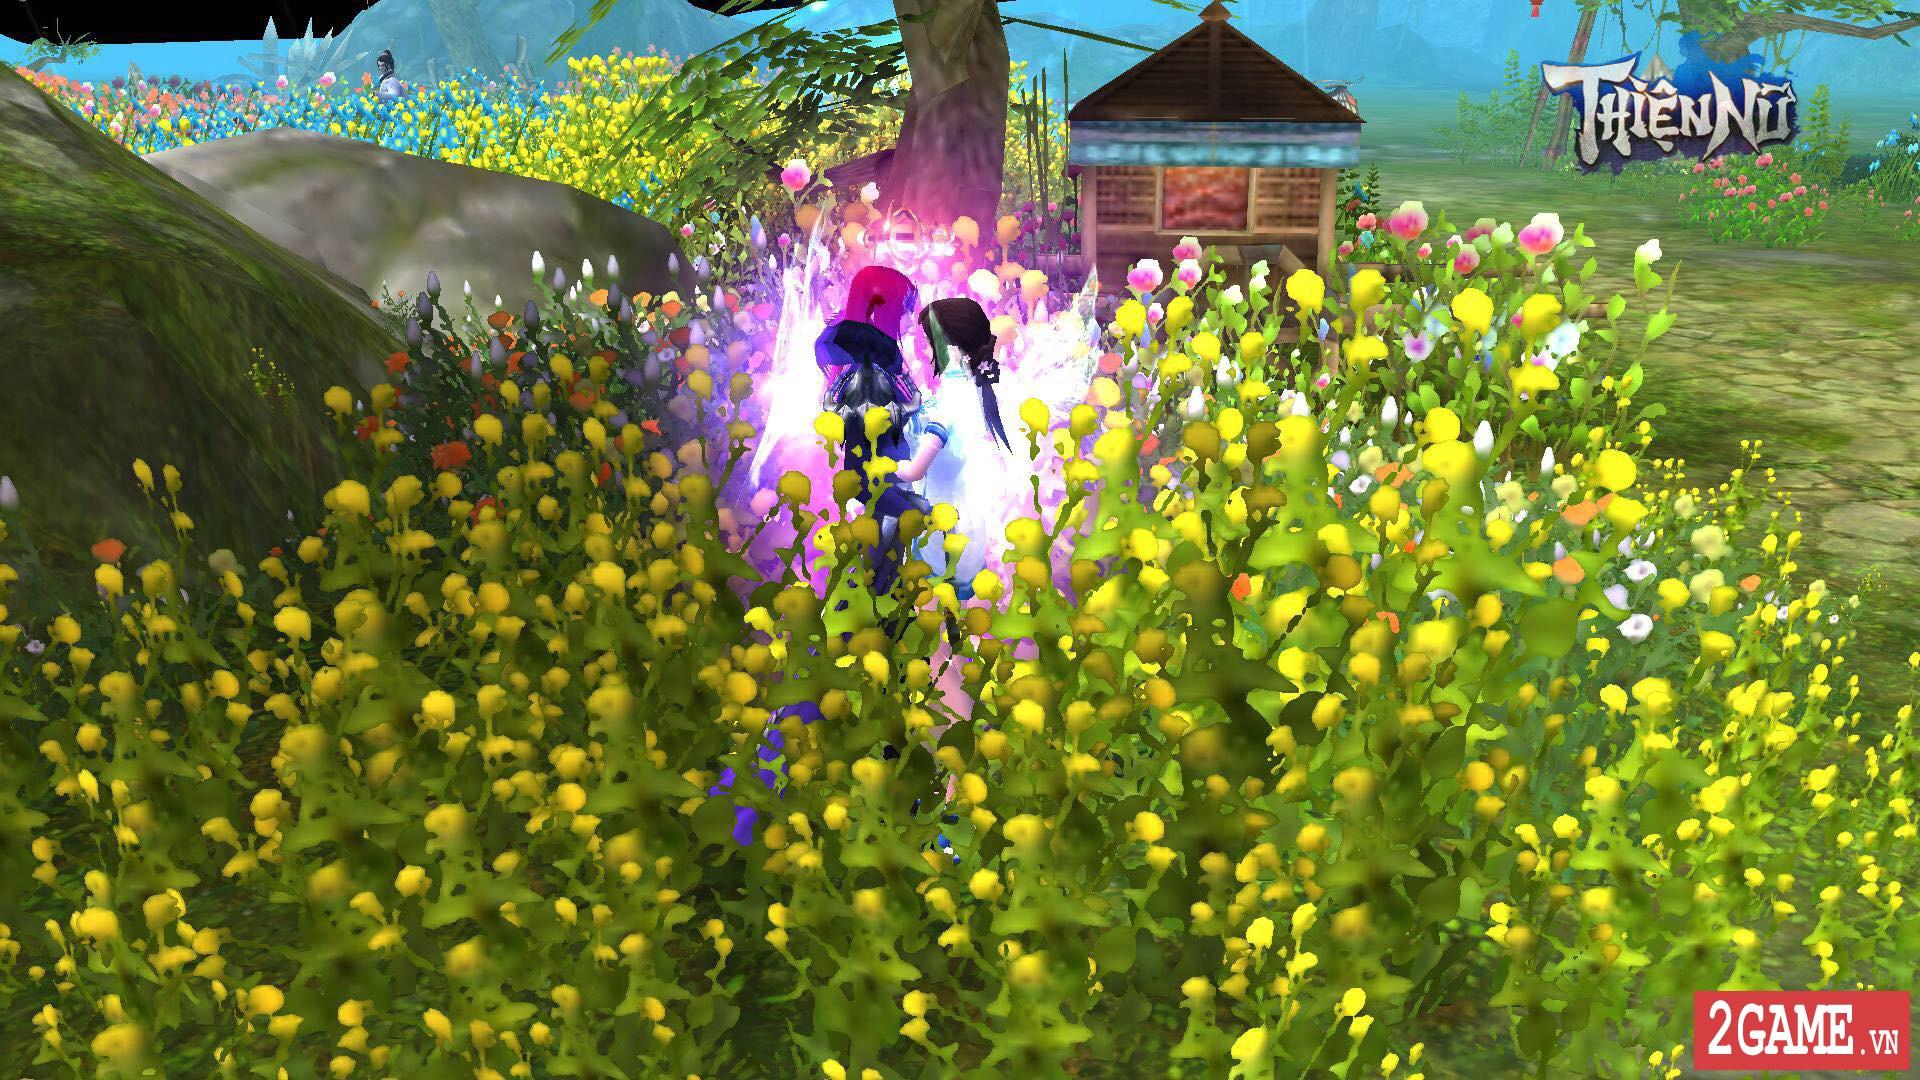 Game thủ Thiện Nữ Mobile bắt đầu gạ gẫm nhau đi chụp hình cưới trong game 5